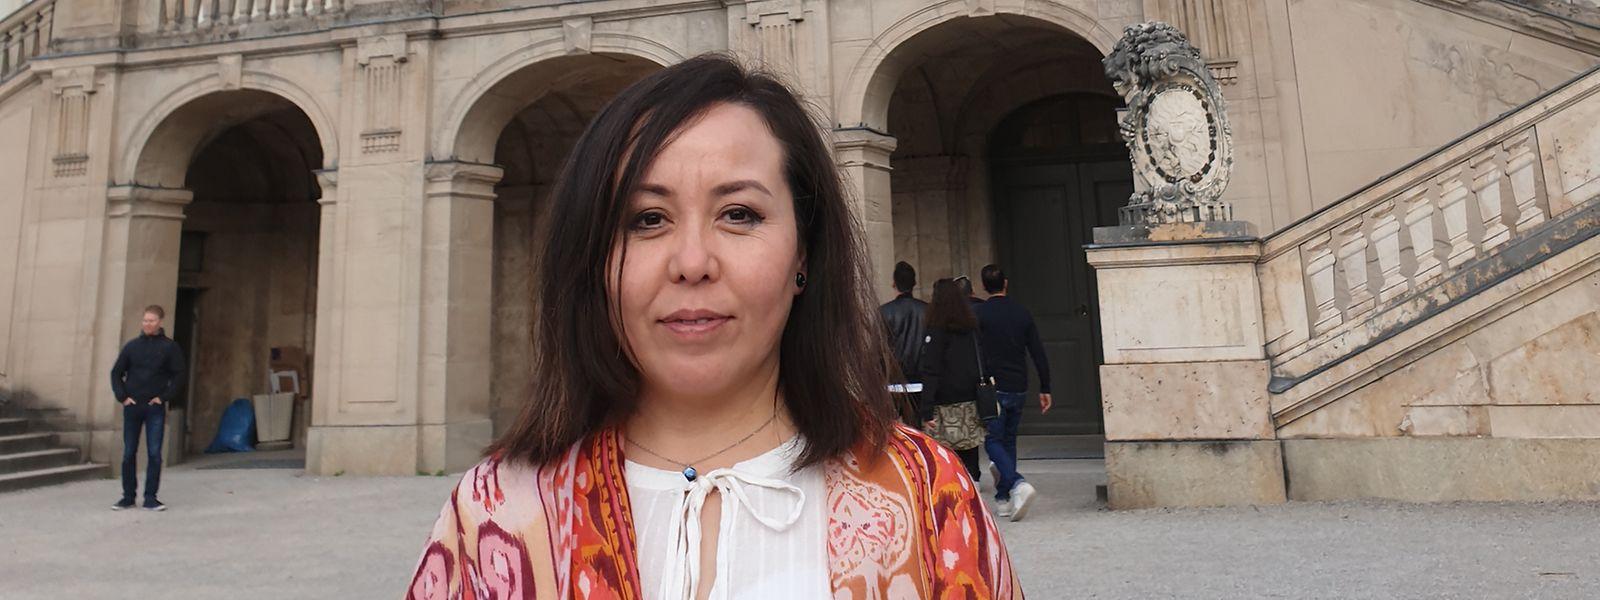 """Asiye Abdulaheb hat sich als Quelle für die als """"China Cables"""" bekannten Geheimdokumente zur Verfolgung und Inhaftierung von Uiguren in China zu erkennen gegeben"""